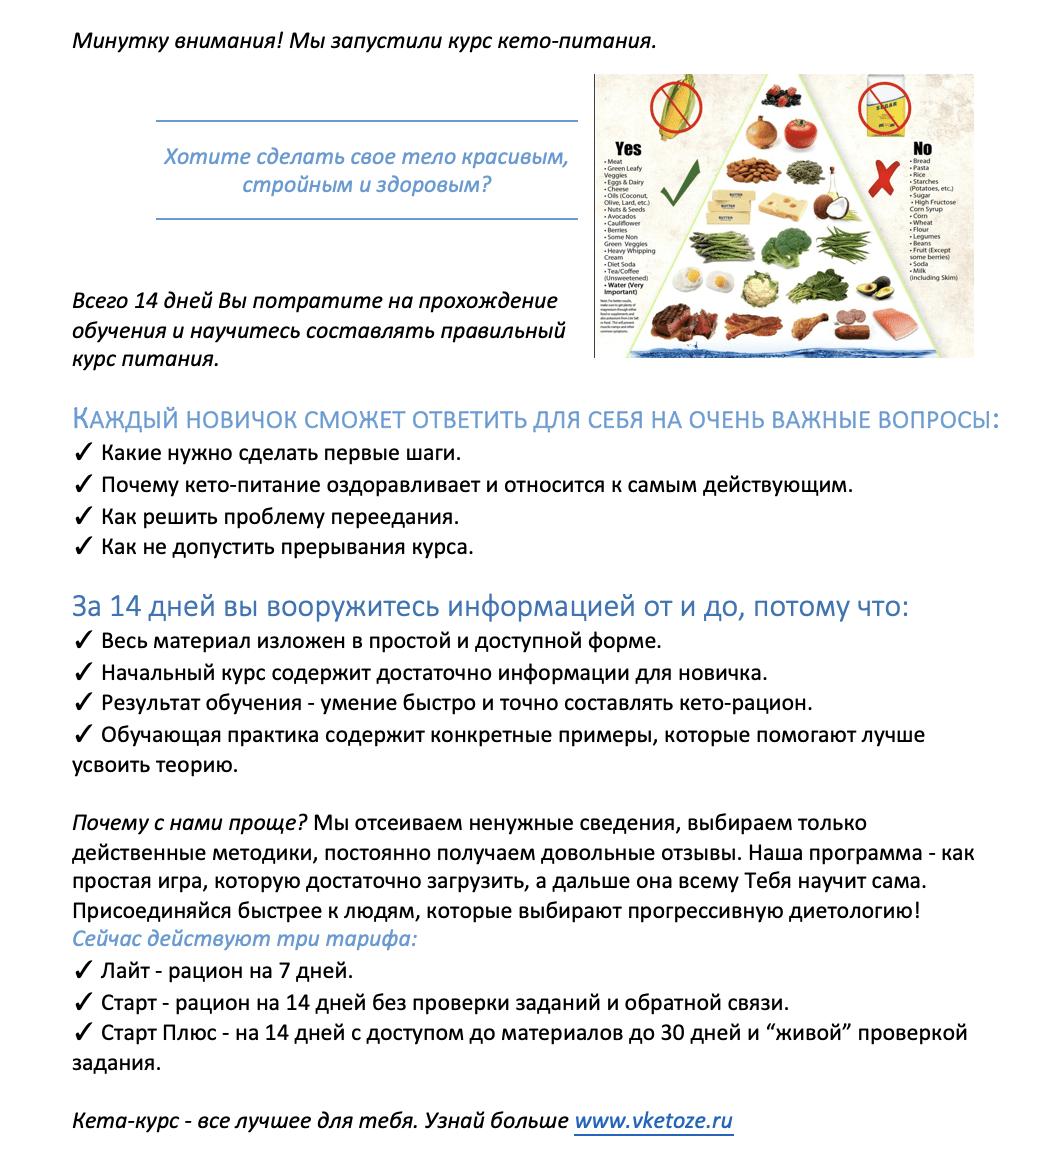 Пример продающего поста в Инстаграм #51 –  Пост на тему курса кето-питания.